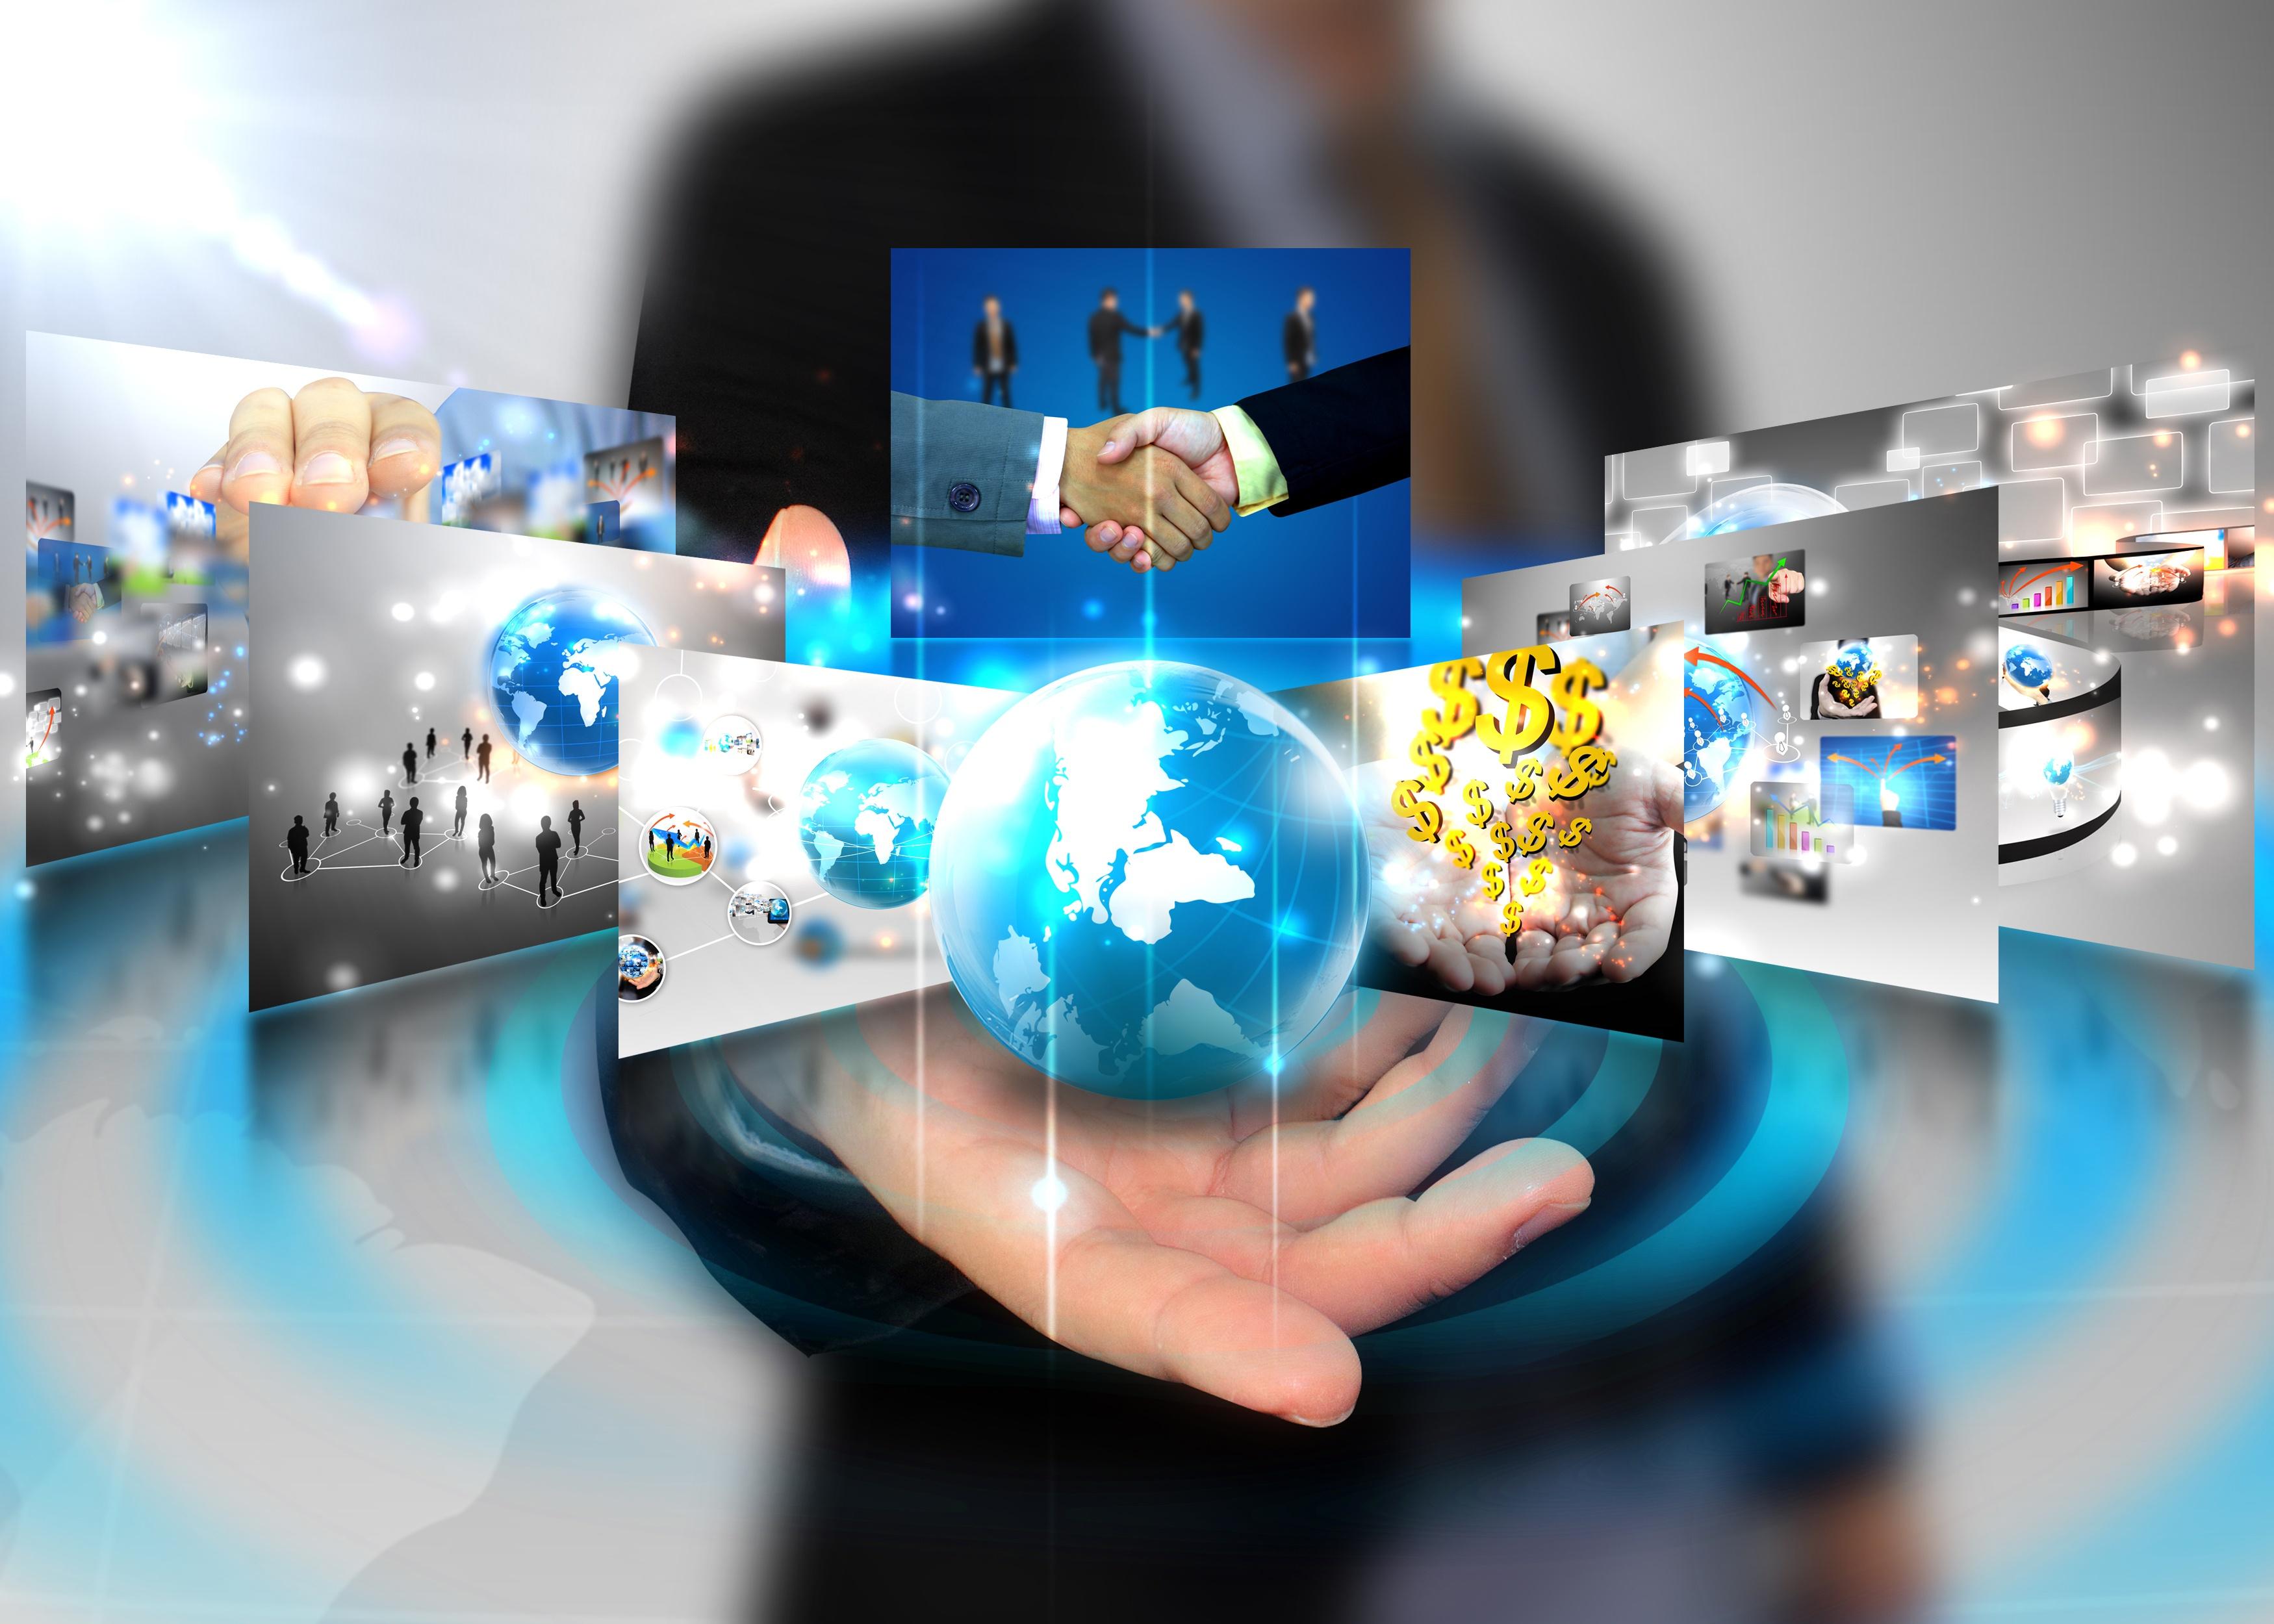 «Интернет вещей» продолжает свое развитие